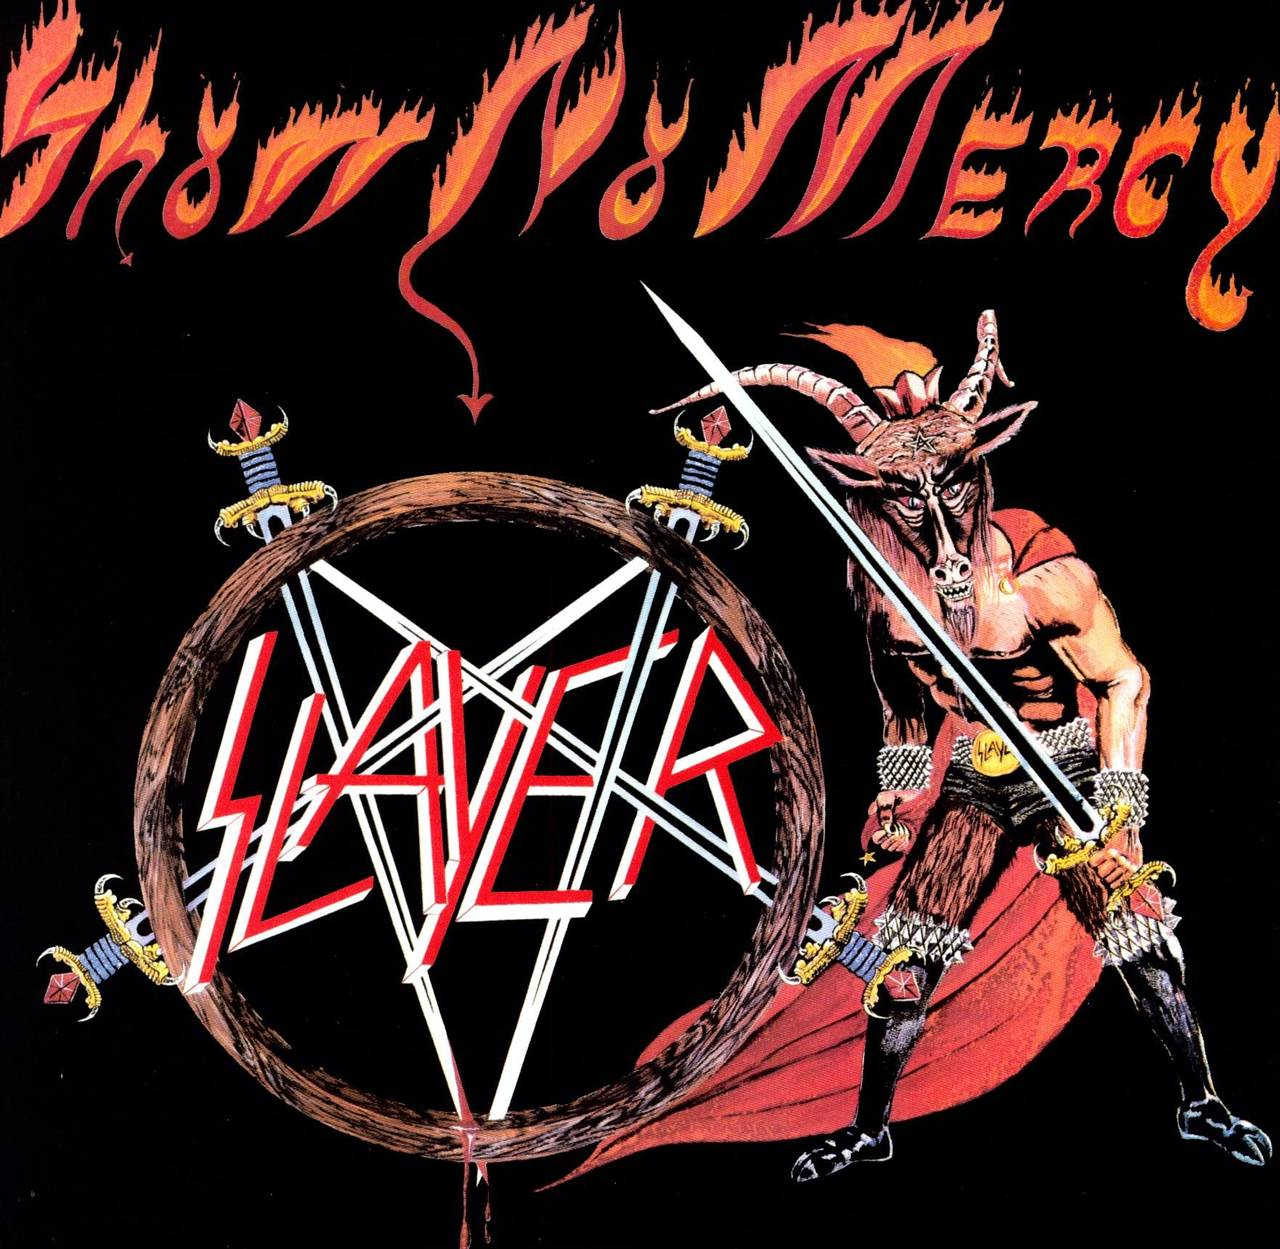 Coveret til Show no Mercy av Slayer. Coveret viser en mann med geitehode som holder et langt sverd og har på seg en lang rød kappe ved siden av bandets karakteristiske pentagram-logo.